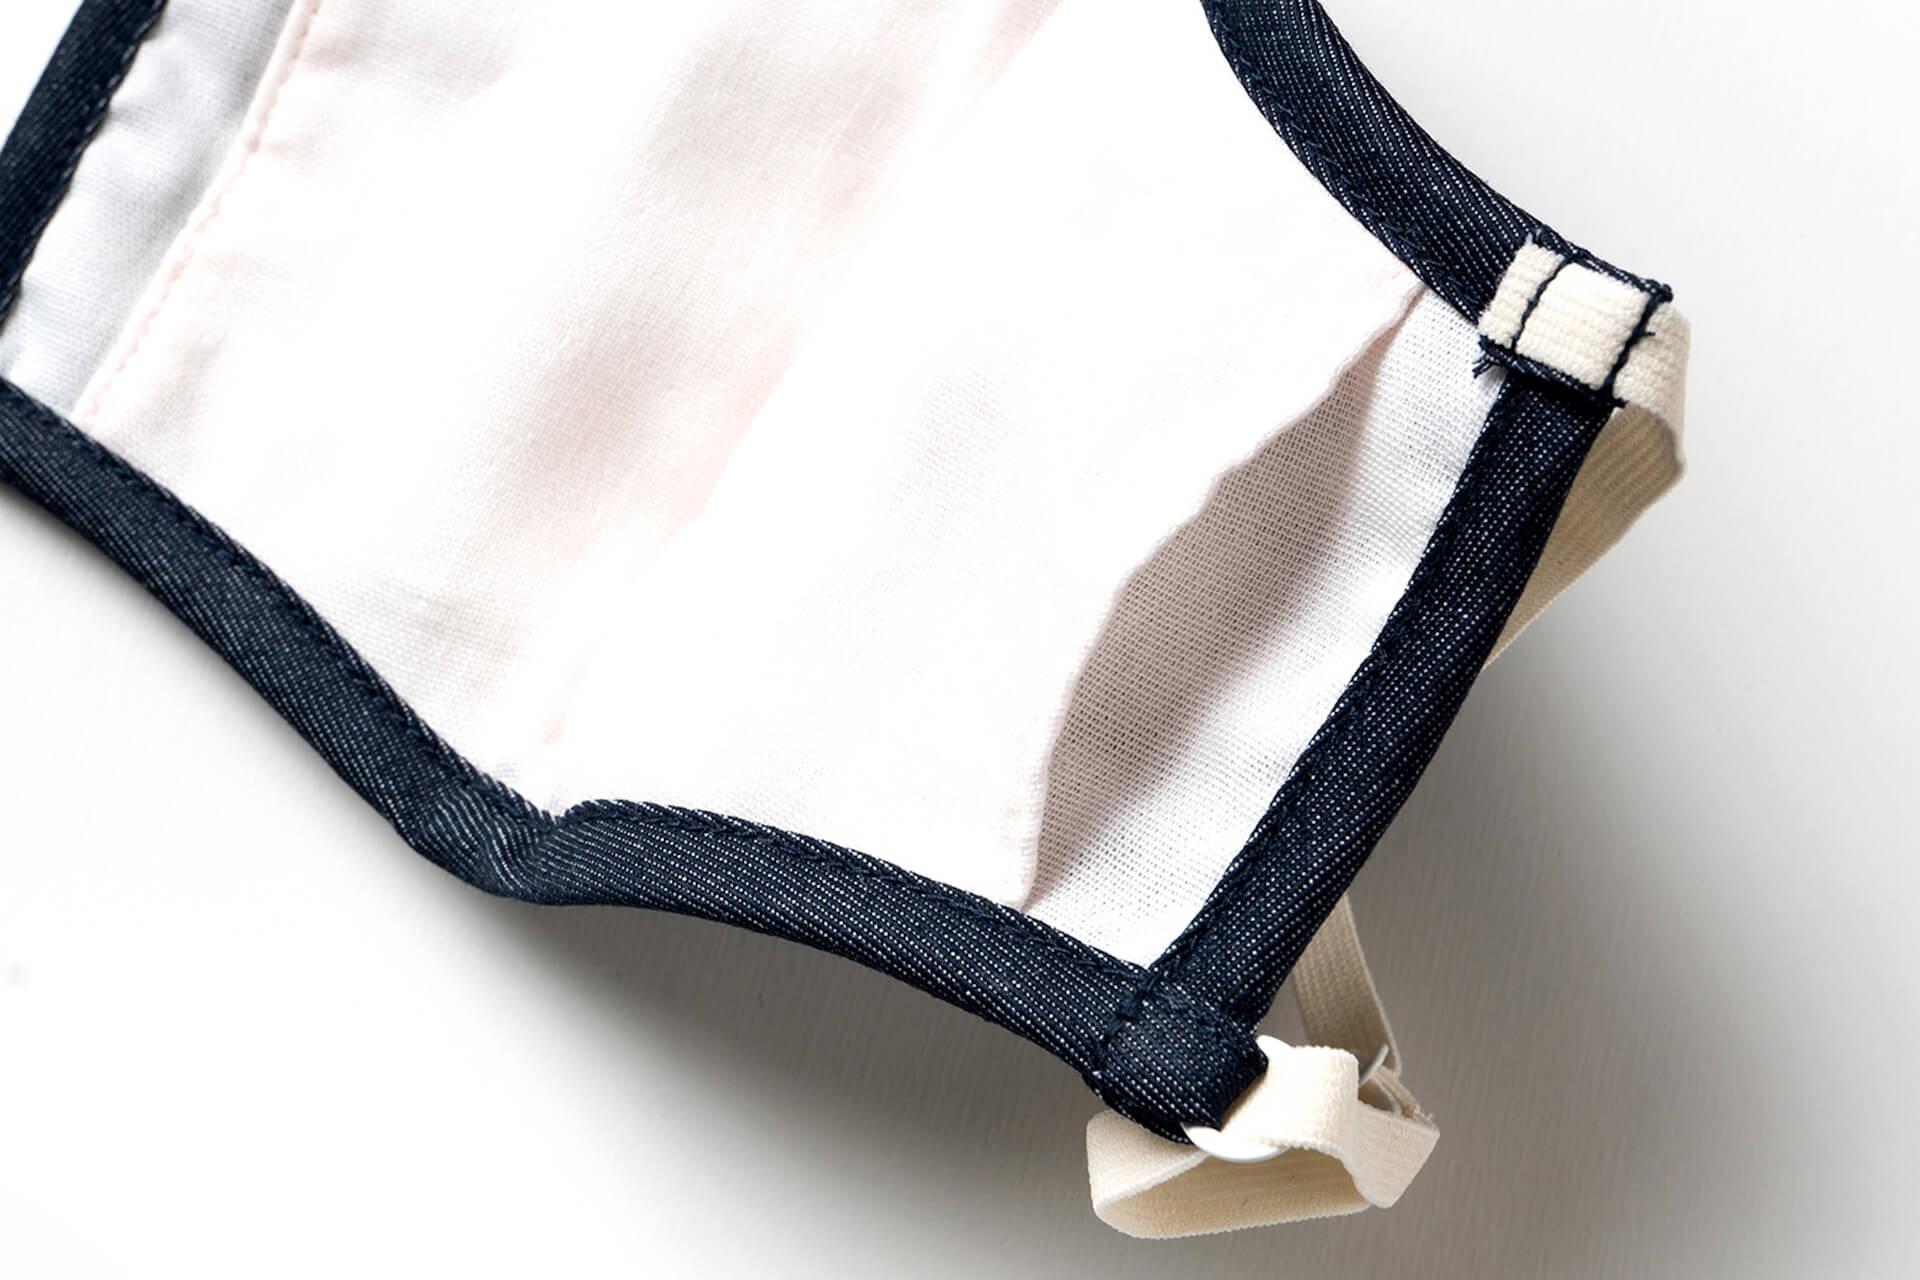 デニムブランド・ビッグジョンから抗ウイルス性のフィルターポケット付きマスク『Washable Mask』が登場! fashion2020106_bigjhon_2